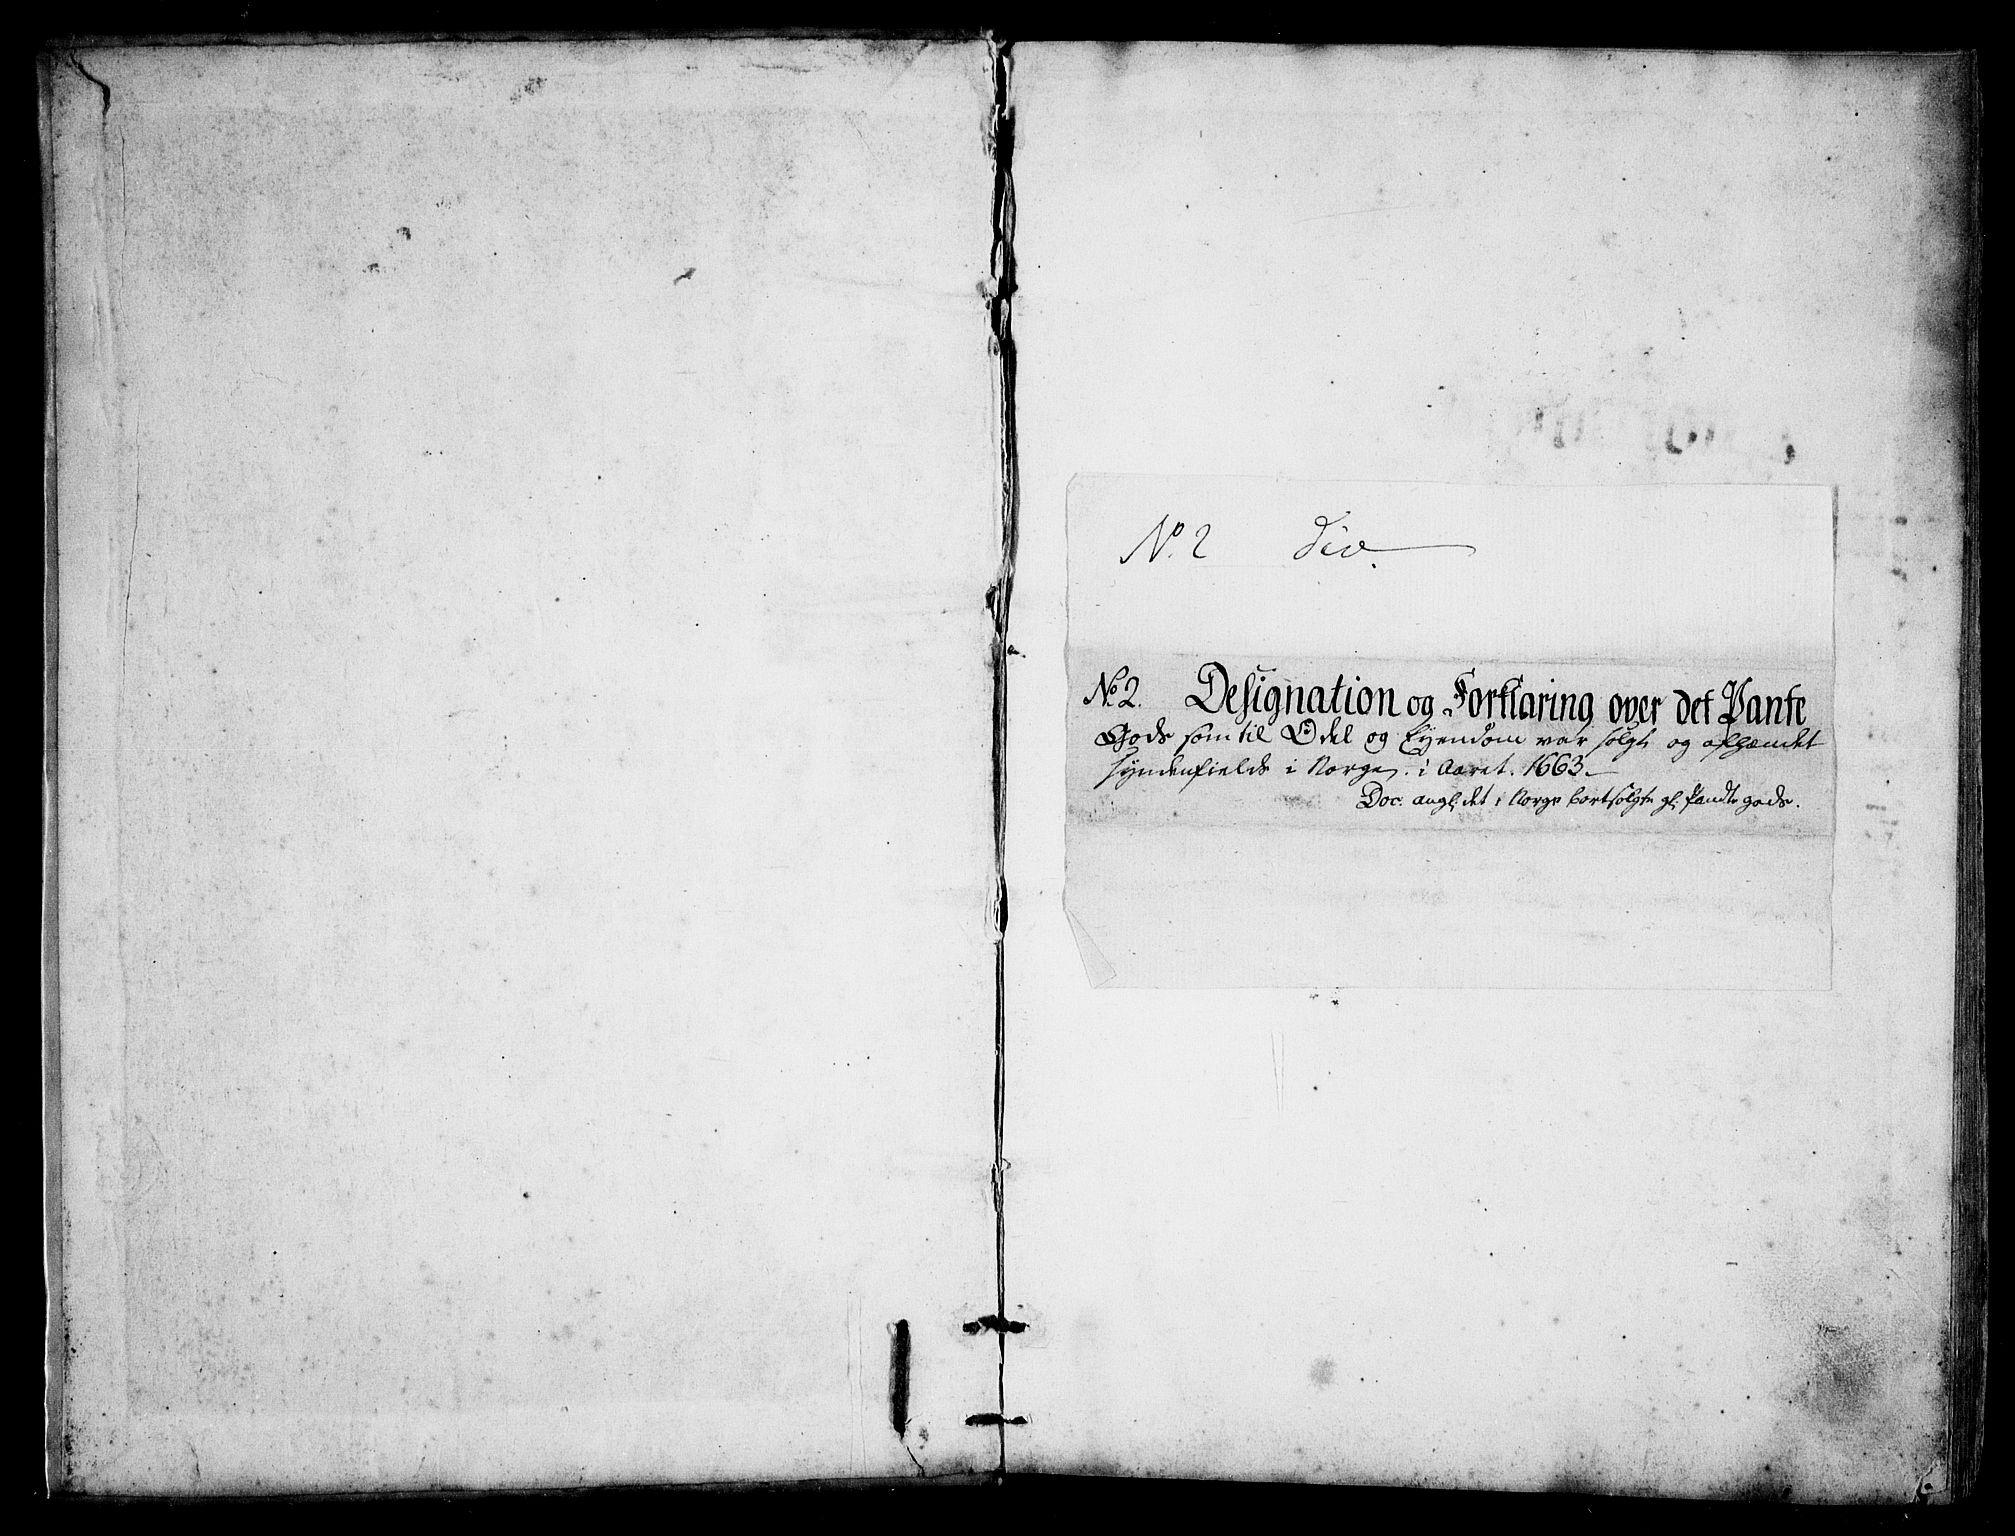 RA, Rentekammeret inntil 1814, Realistisk ordnet avdeling, On/L0011: [Jj 12]: Salg av pante- og reluisjonsgods i Norge, 1658-1729, s. 4